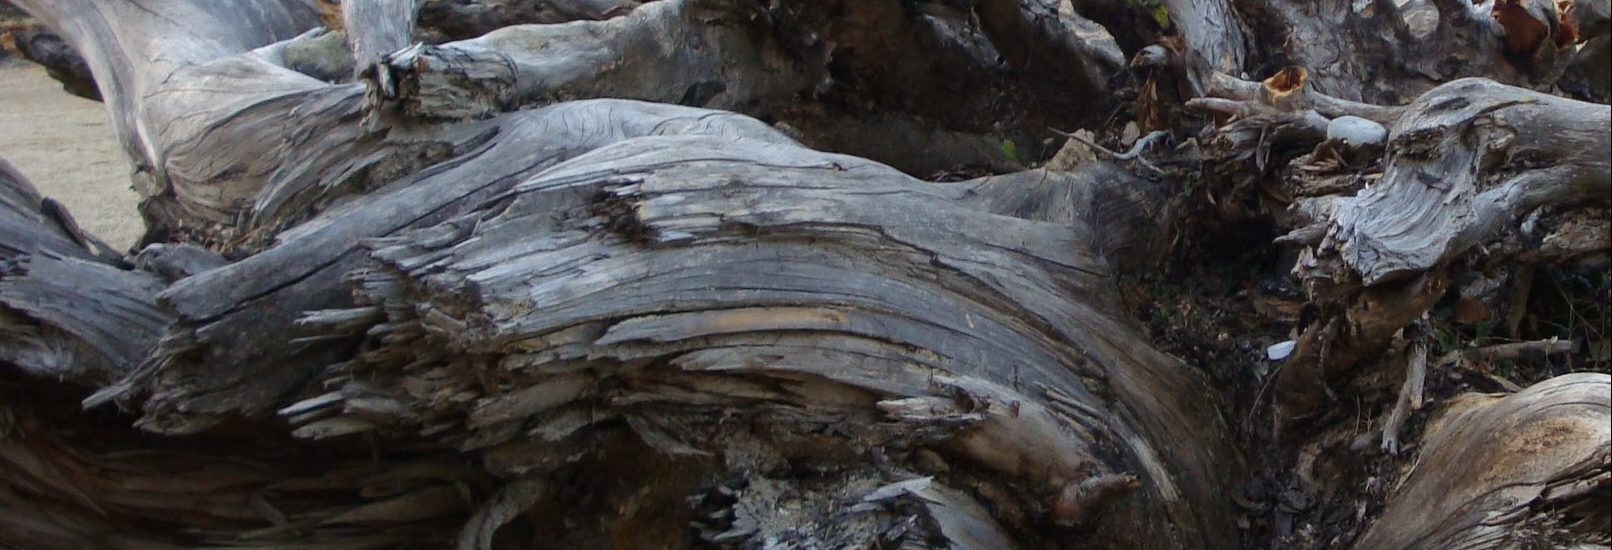 #torn, #broken, #love poem, #love, #tree, #bark, #life